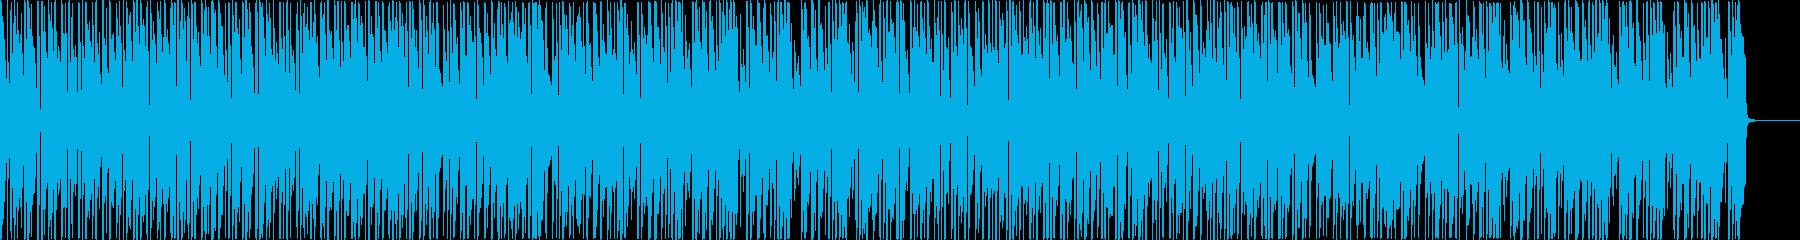 お洒落なボサノバ(メロディ無し)の再生済みの波形